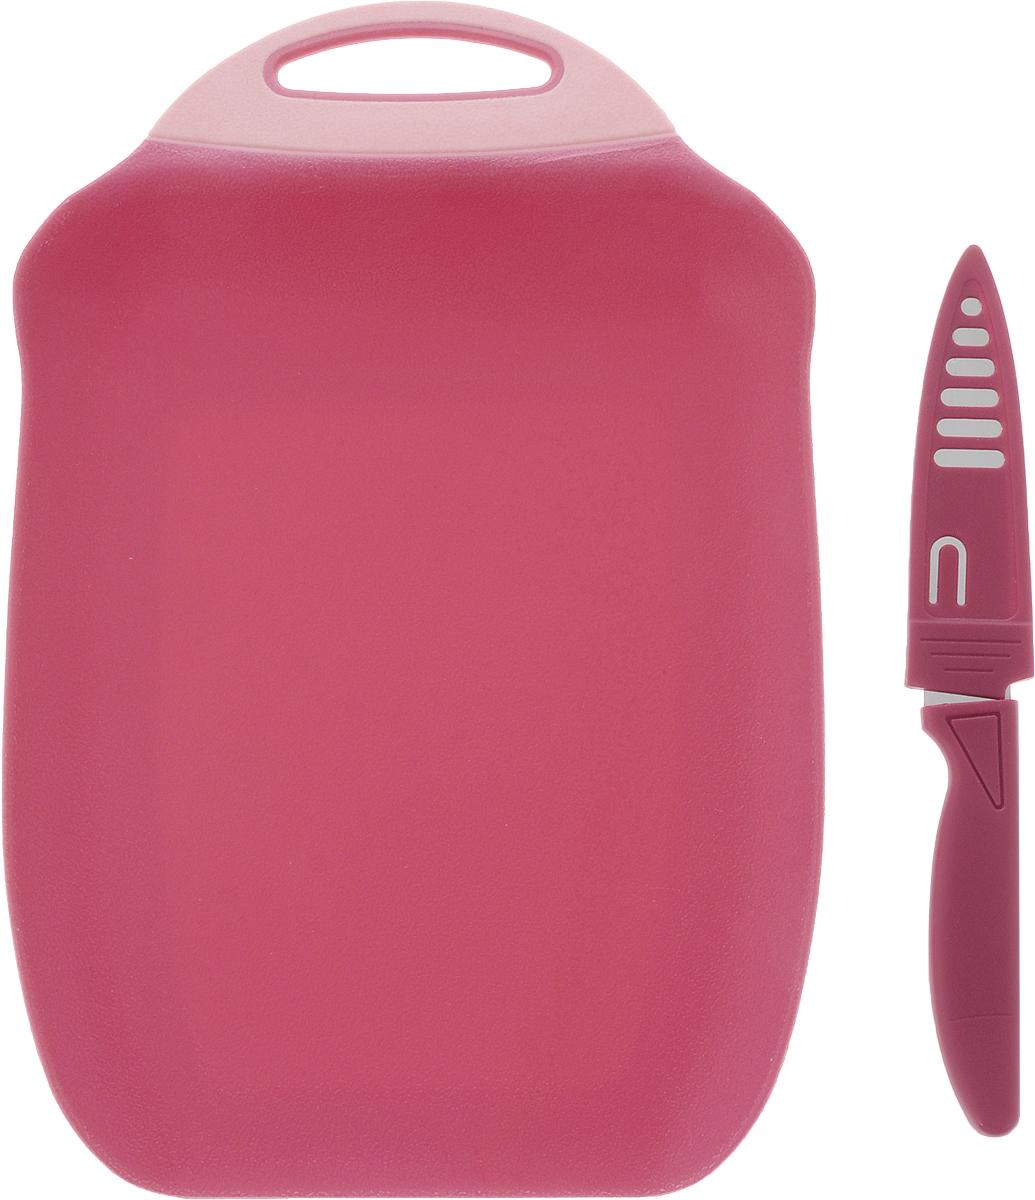 Доска разделочная Menu Ланч, с ножом, цвет: розовый, 27 х 18 смLNC-27_розовыйРазделочная доска Menu Ланч изготовлена из высококачественного пищевого пластика и предназначена для разделывания рыбы, мяса, нарезки овощей, фруктов, колбас, сыра и хлеба. Поверхность доски не тупит лезвия ножей и не впитывает запахи продуктов. В конструкции доски предусмотрены специальные небольшие бортики, которые предотвратят случайное ссыпание продуктов. Для удобства хранения доска имеет отверстие для подвешивания. В комплекте имеется нож из нержавеющей стали с защитным чехлом. Эргономичная пластиковая рукоятка не позволяет ножу выскальзывать из рук. Любая хозяйка оценит функциональность данного набора. Мыть только вручную. Размер разделочной доски: 27 х 18 см. Длина ножа: 19 см. Длина лезвия ножа: 10 см.